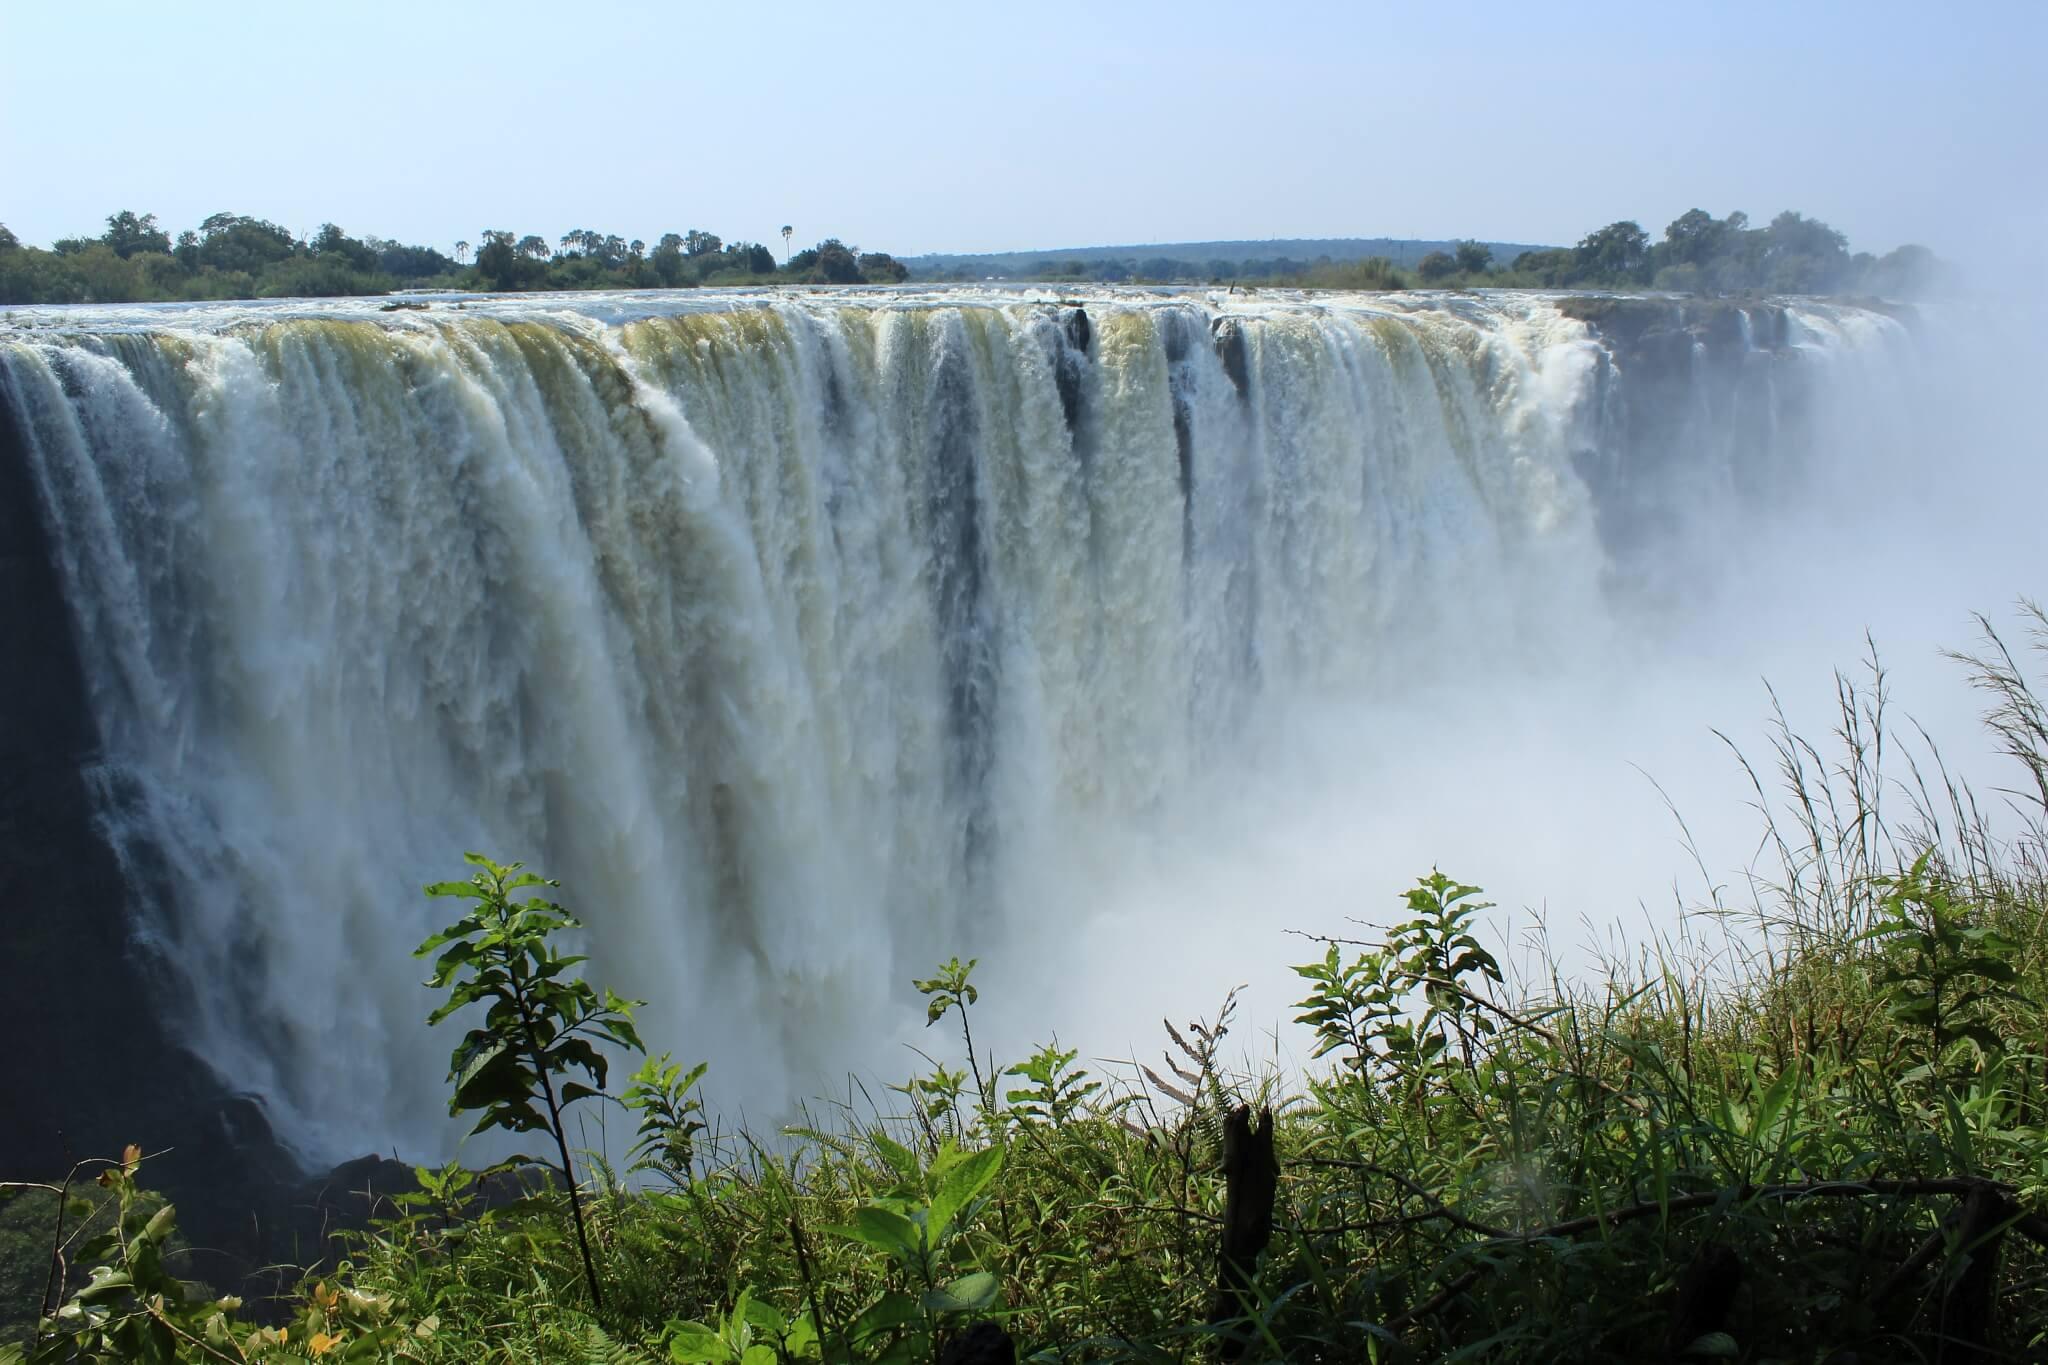 Wasserfall der die wiederkehrenden Umsätze von Abogeschäften der Beteiligungen zeigen soll.